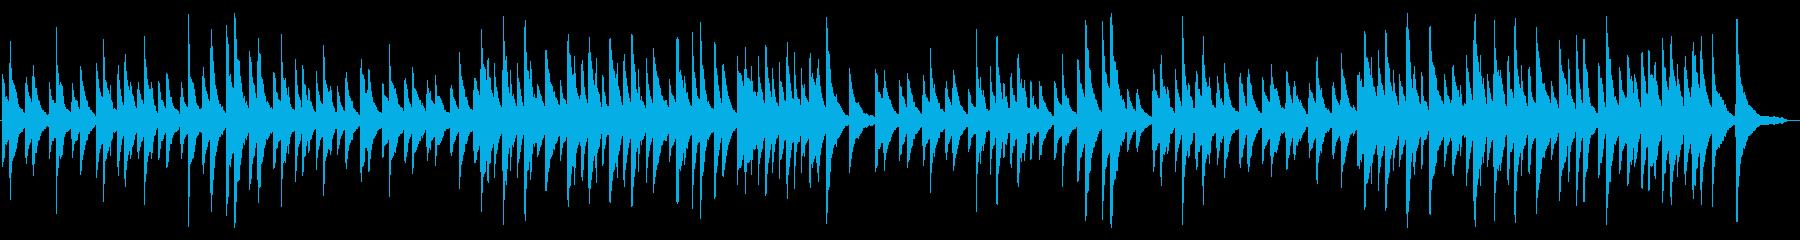 ジムノペディ ピアノ ゆったりの再生済みの波形